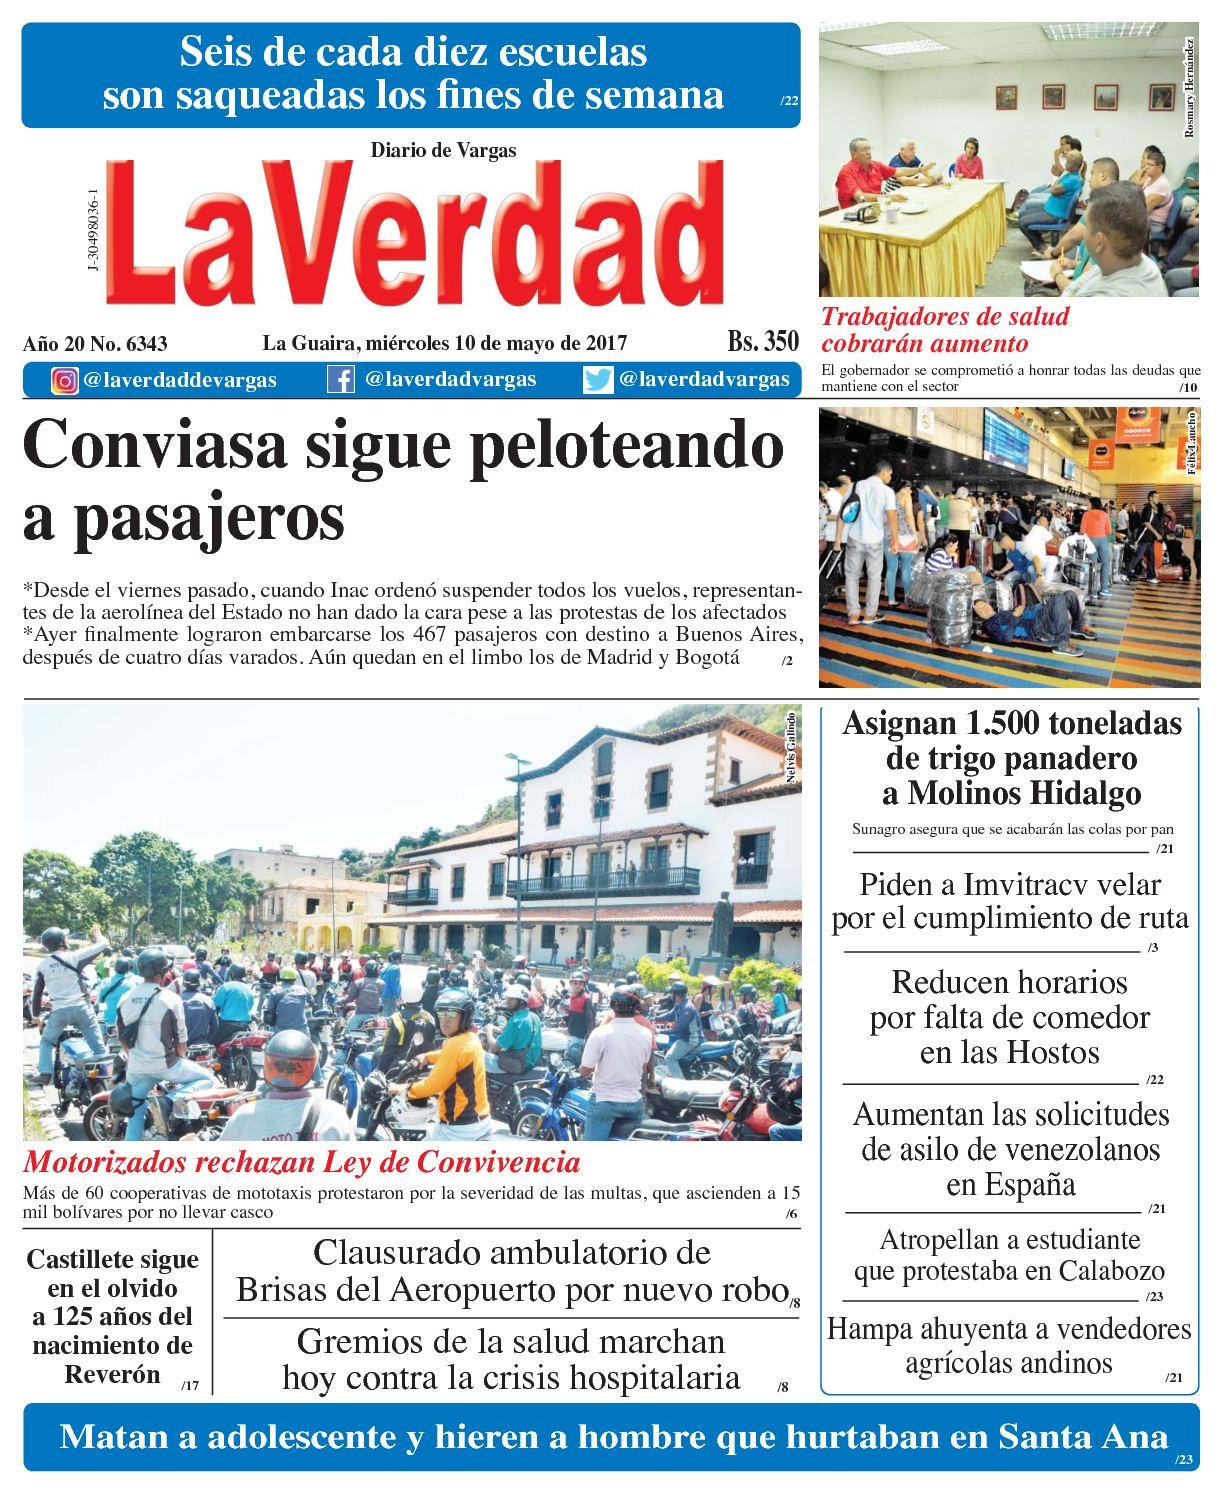 La Guaira, miércoles 10 de Mayo de 2017 Año 20 No 6343